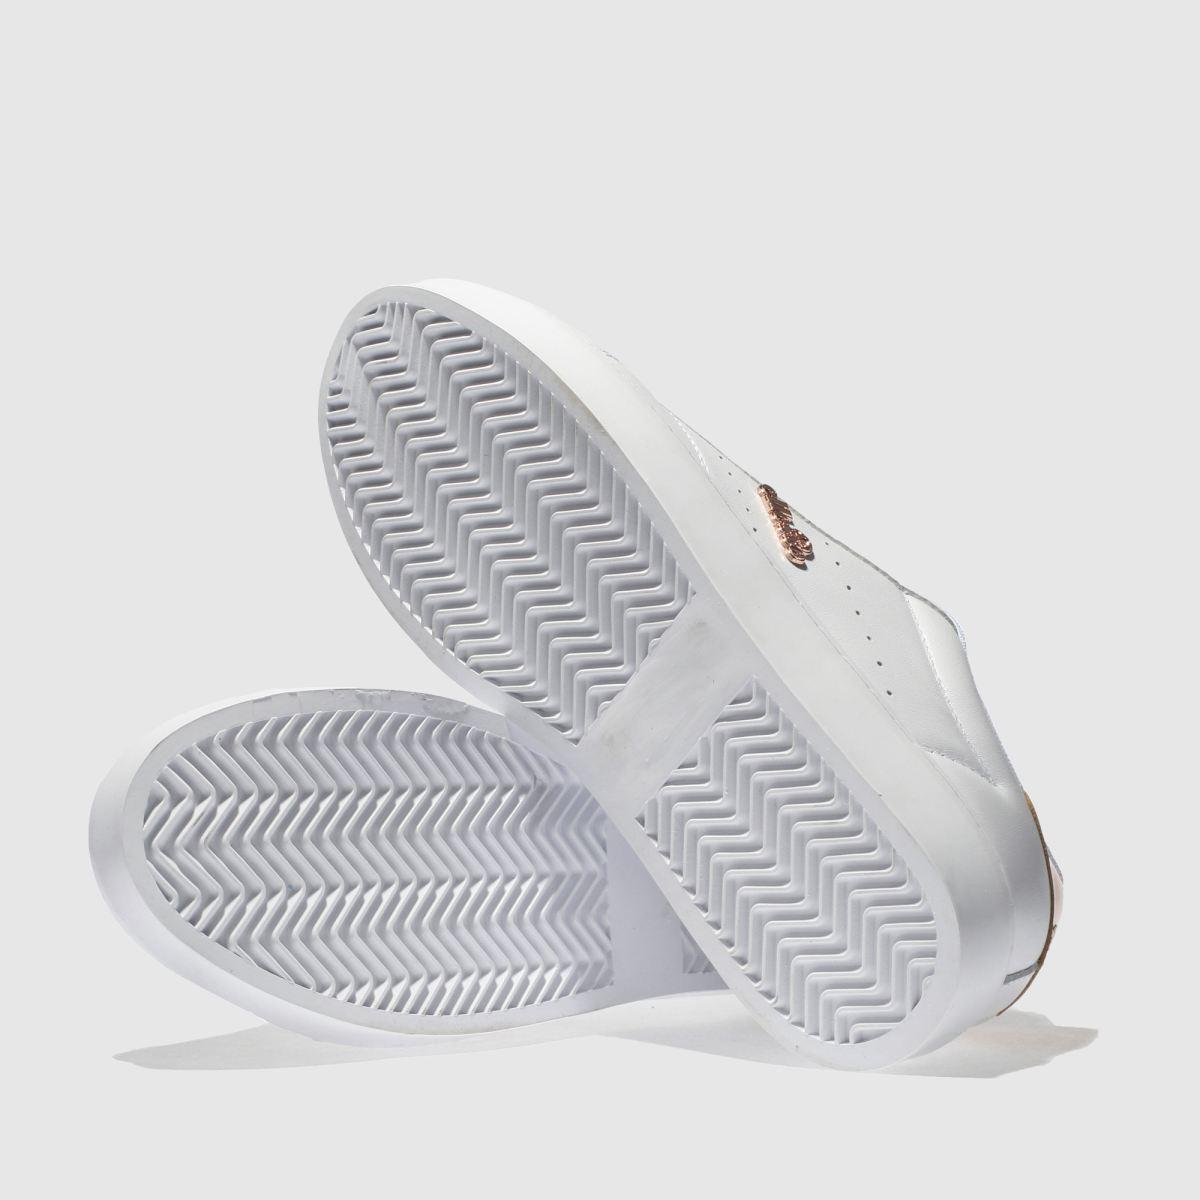 Damen Weiß-rosegold | ellesse Anzia Platform Sneaker | Weiß-rosegold schuh Gute Qualität beliebte Schuhe 554df3